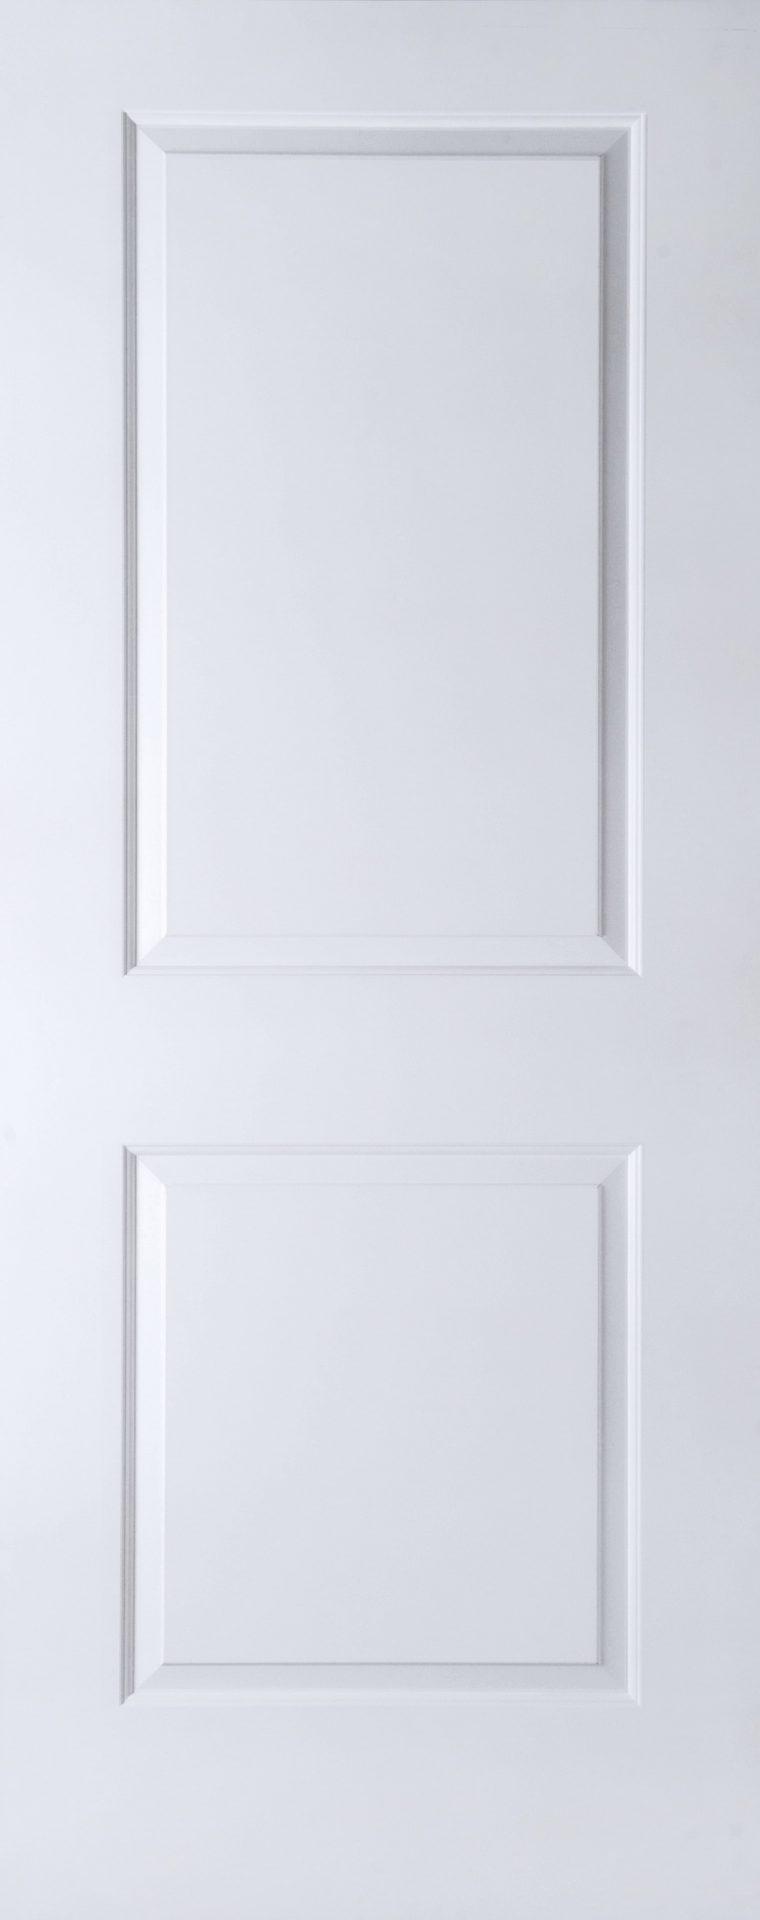 Carrara smooth